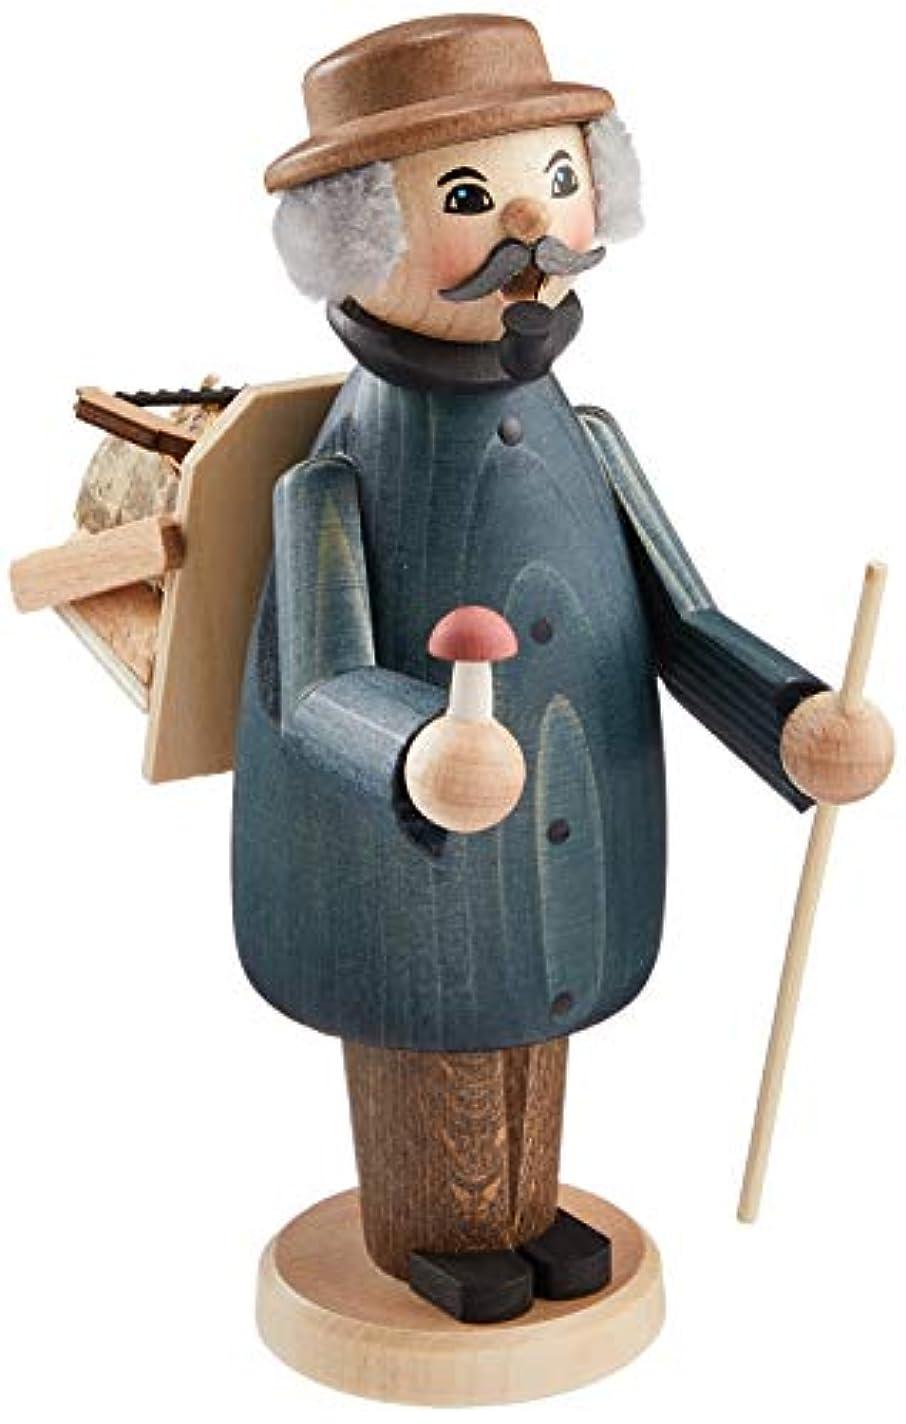 強盗アルファベット大量kuhnert ミニパイプ人形香炉 薪拾い